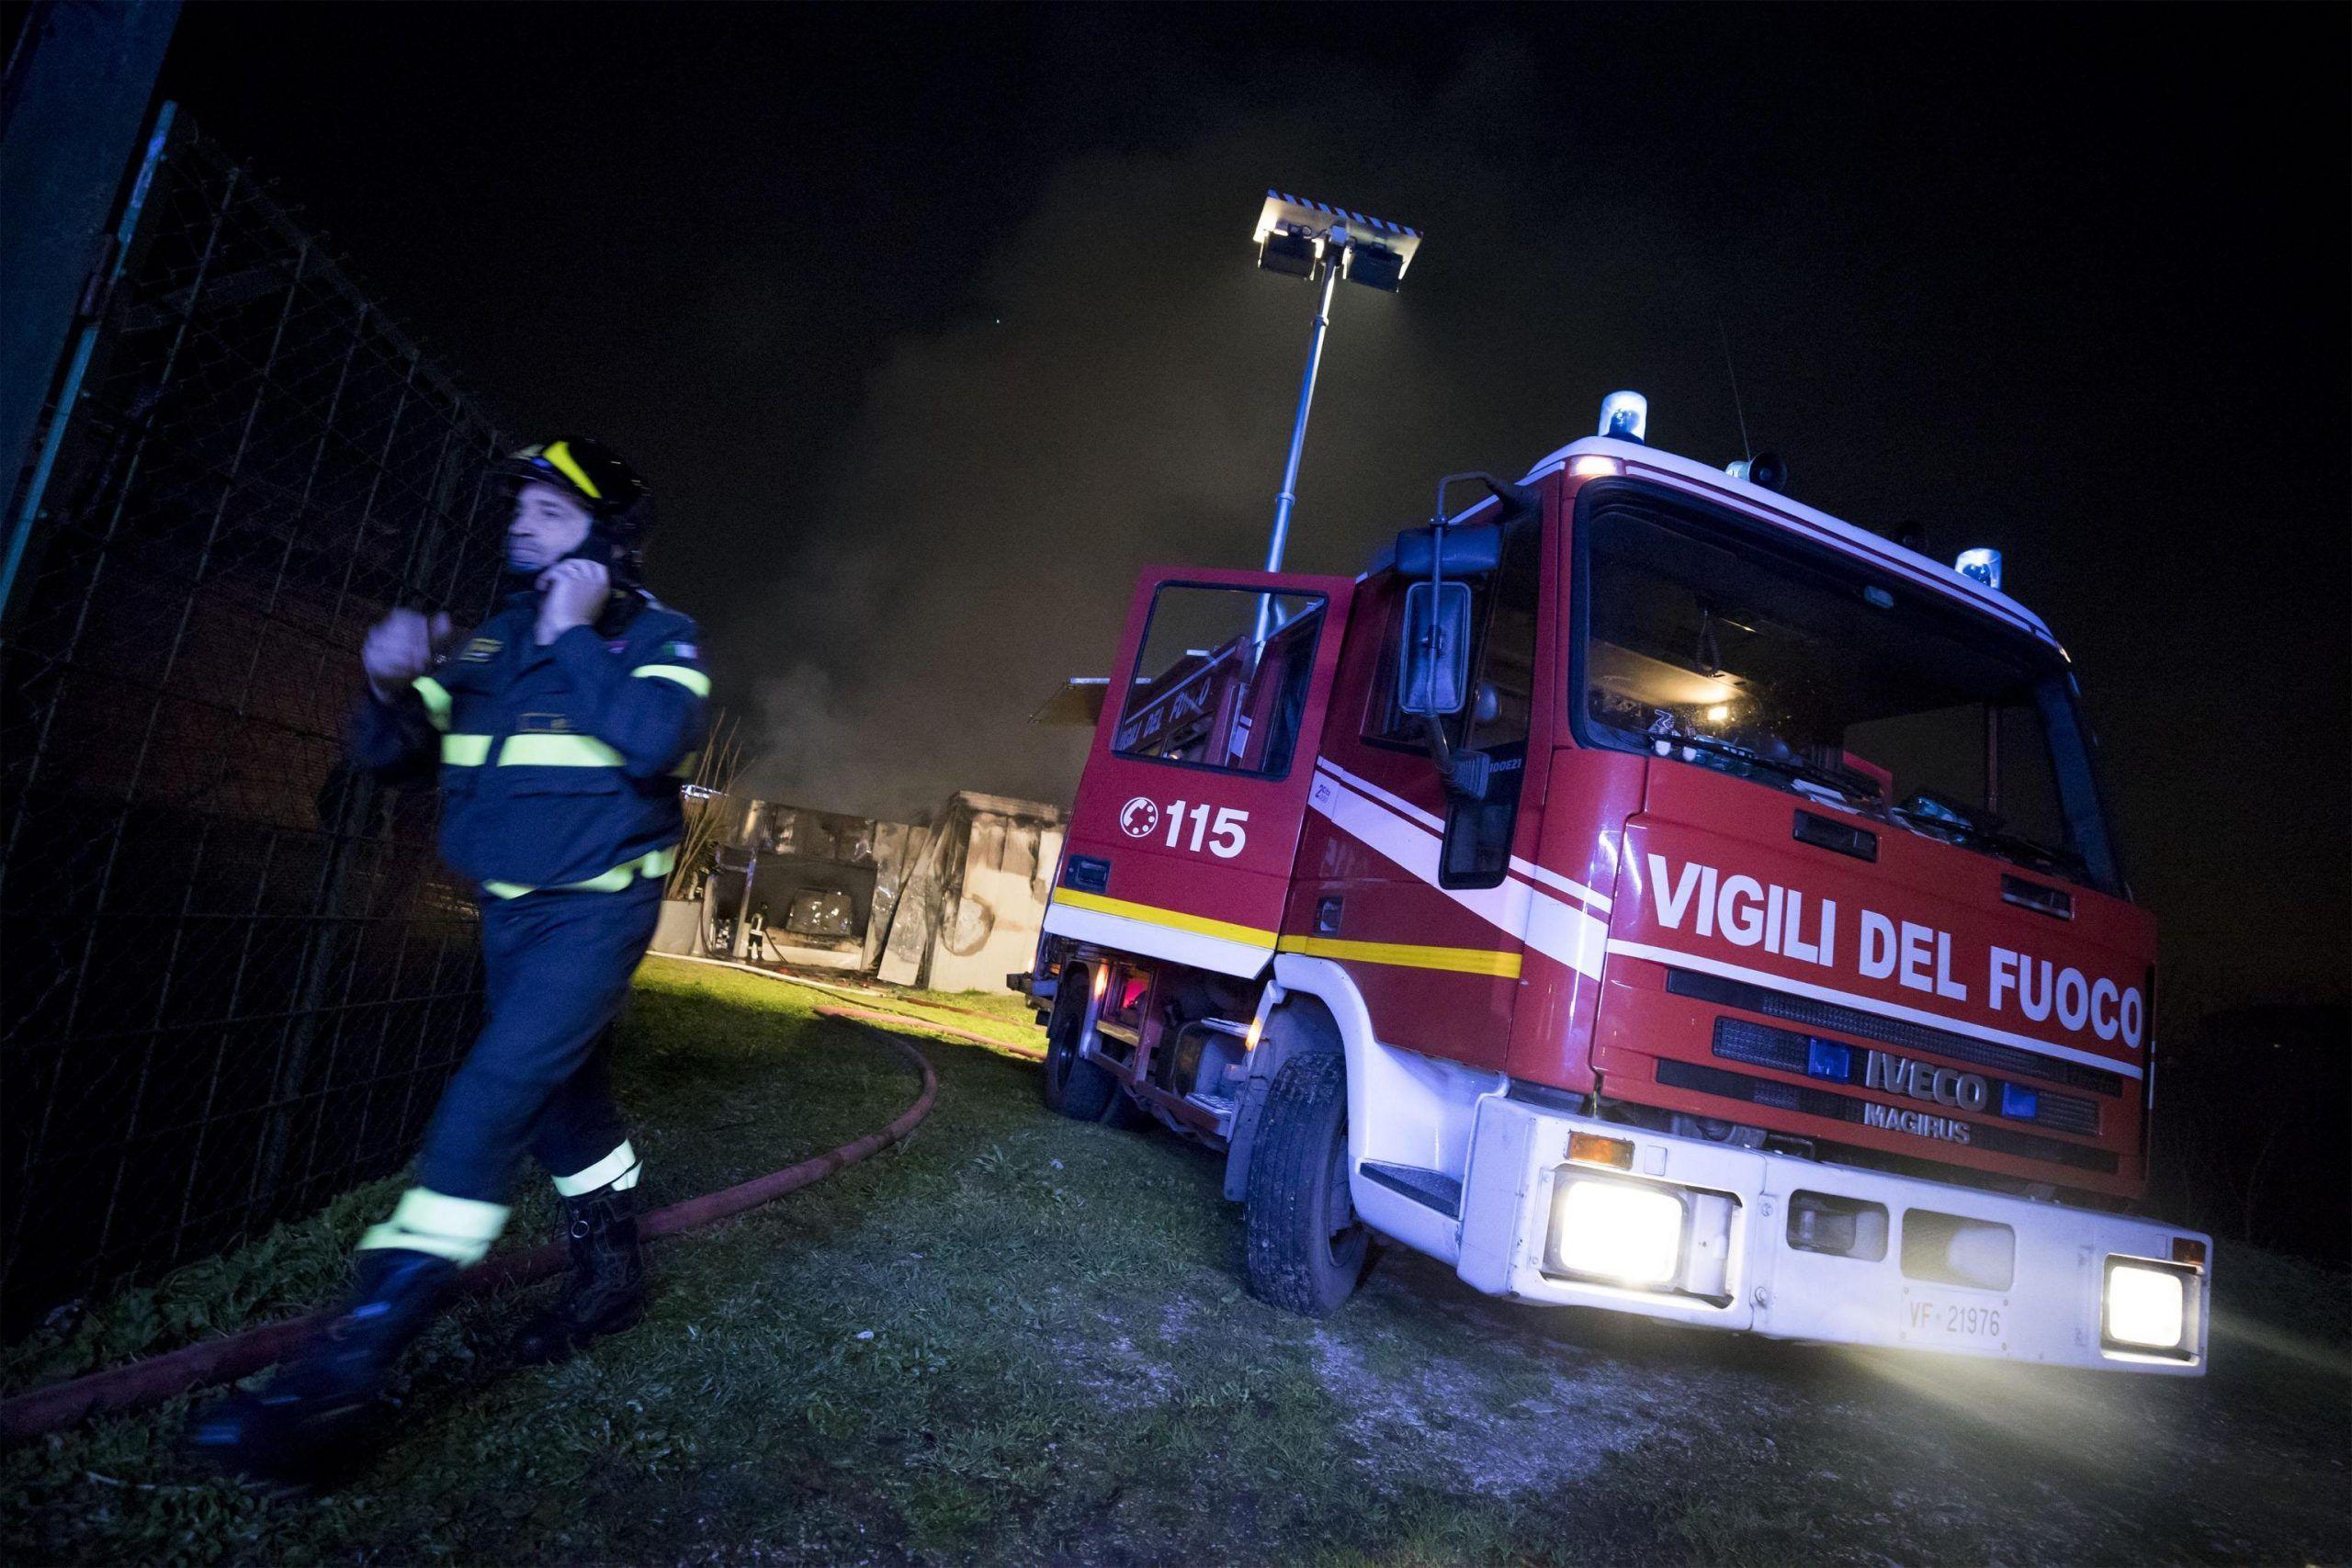 Anziana salvata dalle fiamme di un incendio da tre ragazzini